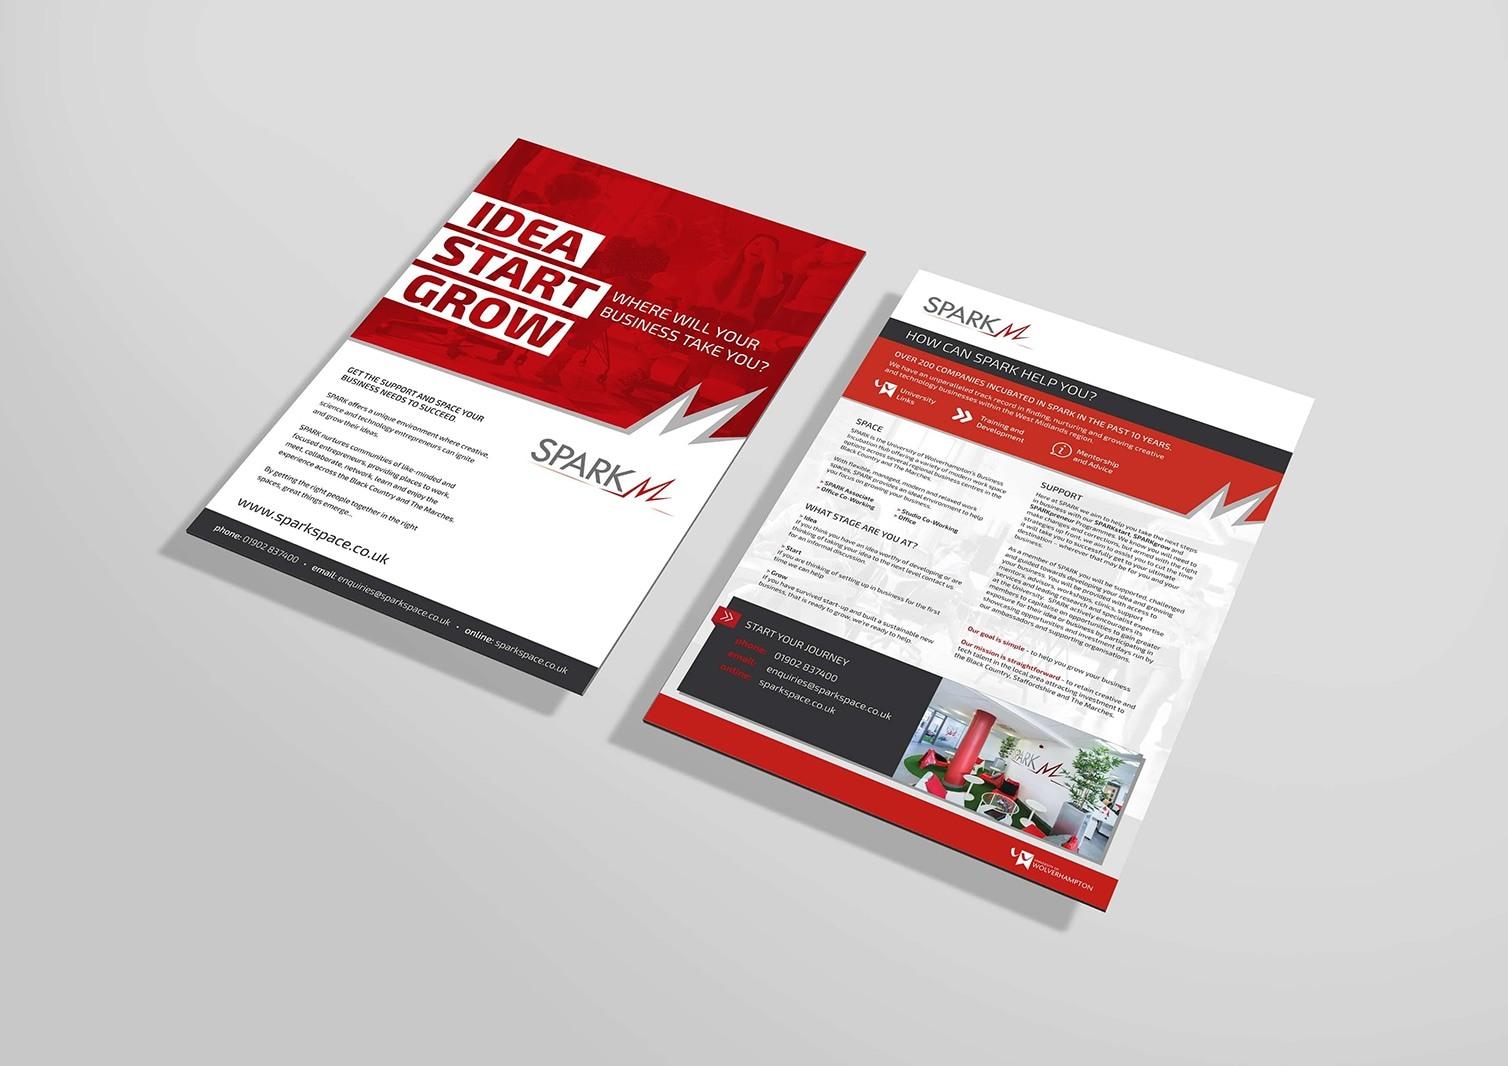 Spark Wolverhampton Marketing Leaflet Design